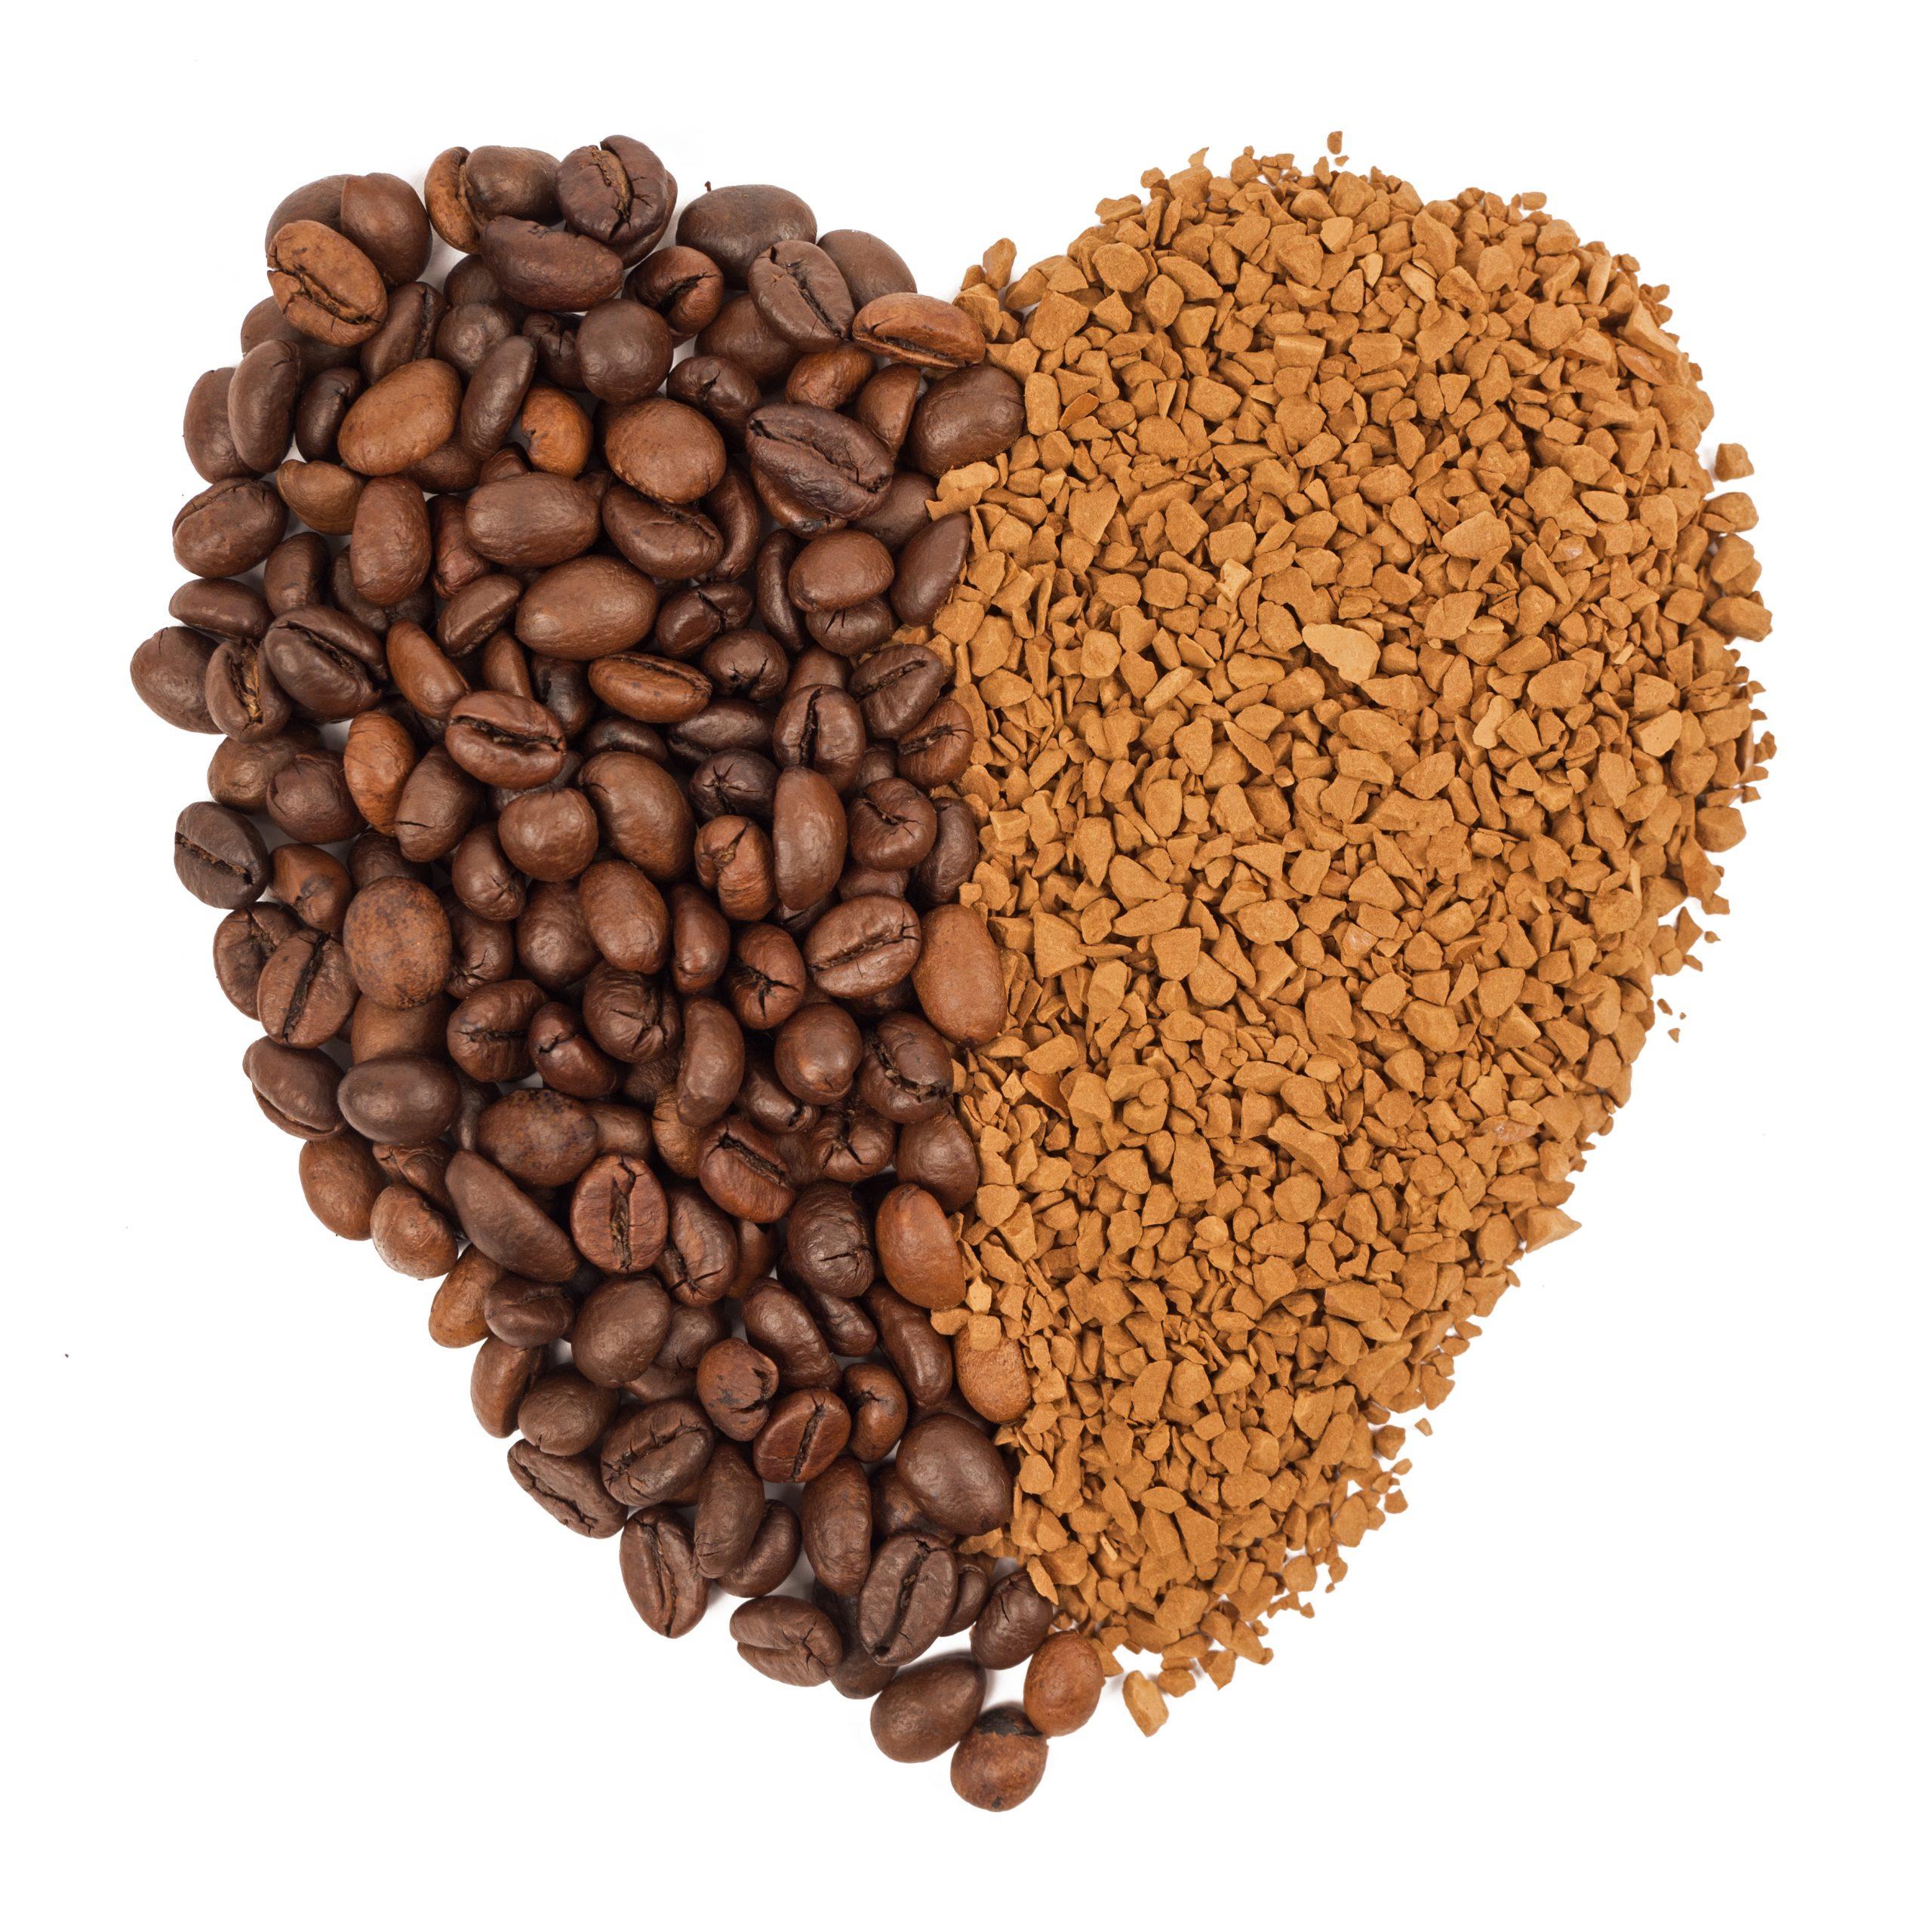 Czy kawa rozpuszczalna jest szkodliwa?